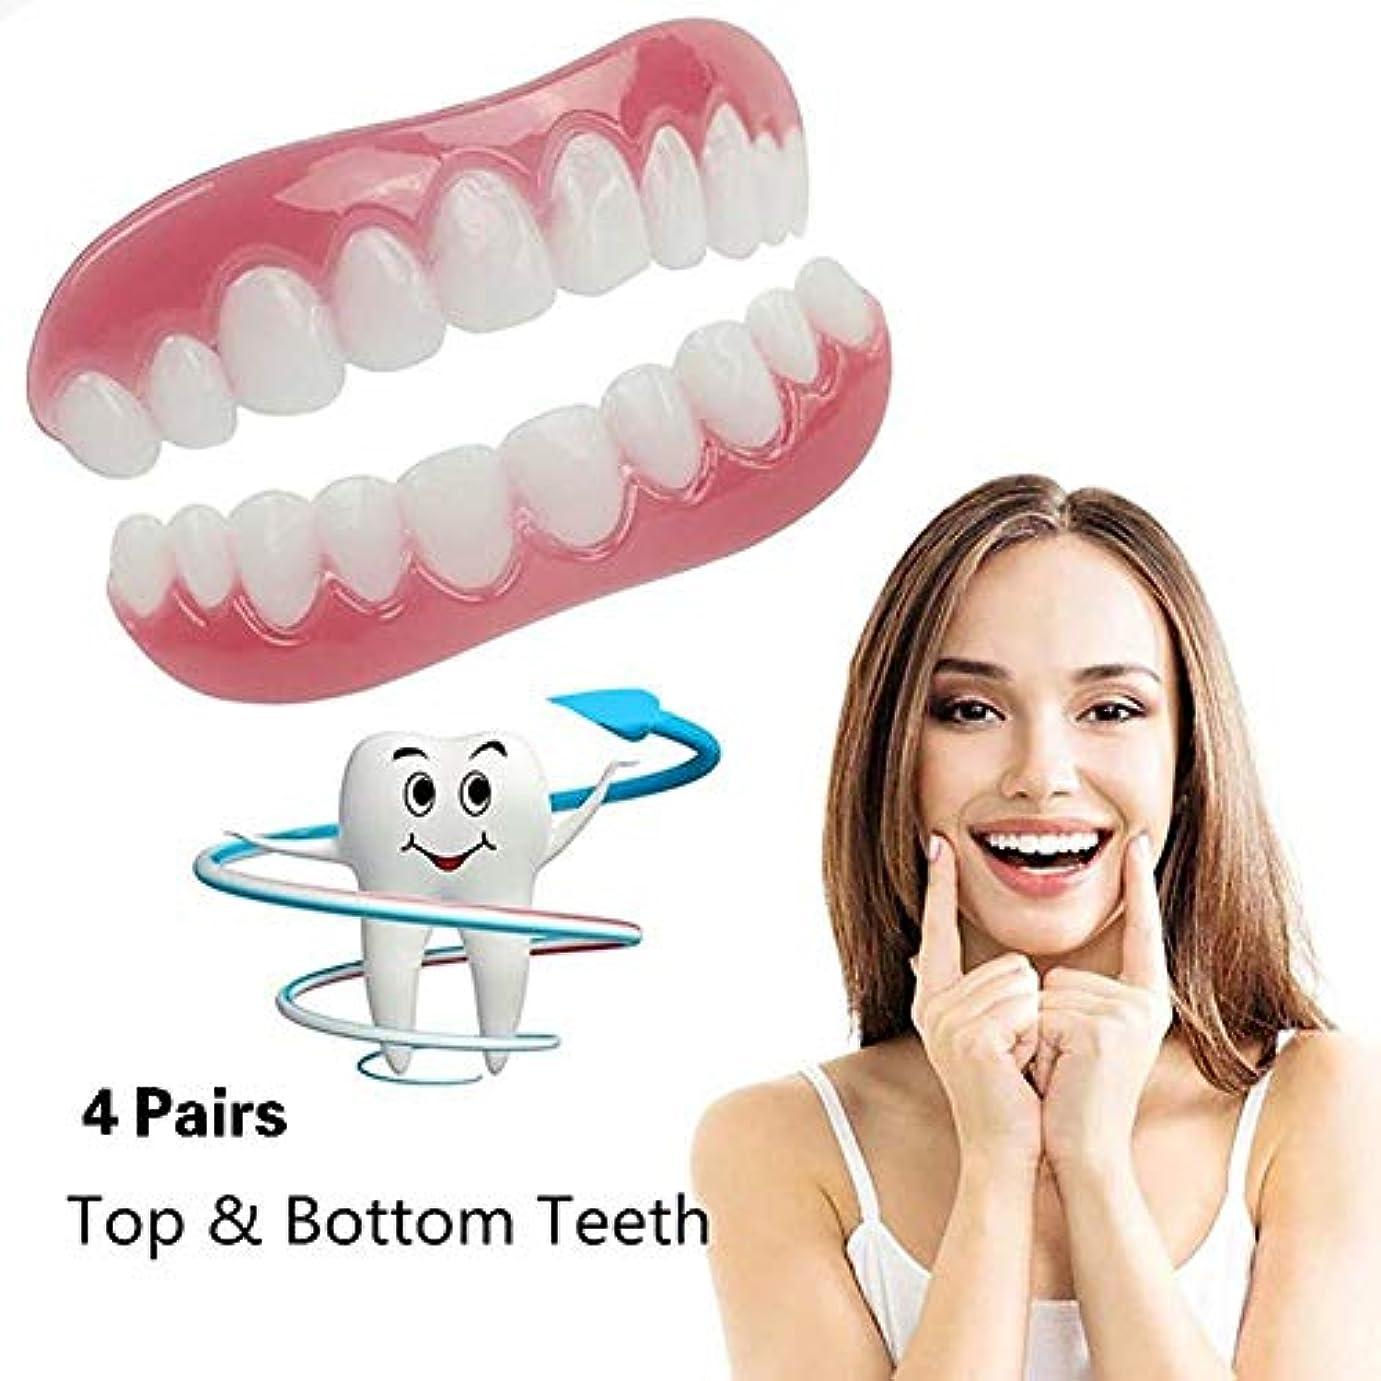 王位気配りのある権利を与える8本のシリコーンの歯のベニヤ化粧品の歯のスナップオンセキュアアッパーローフレックス歯科用ベニヤ義歯ケアホワイトニングパーフェクトトゥースワンサイズフィットすべて